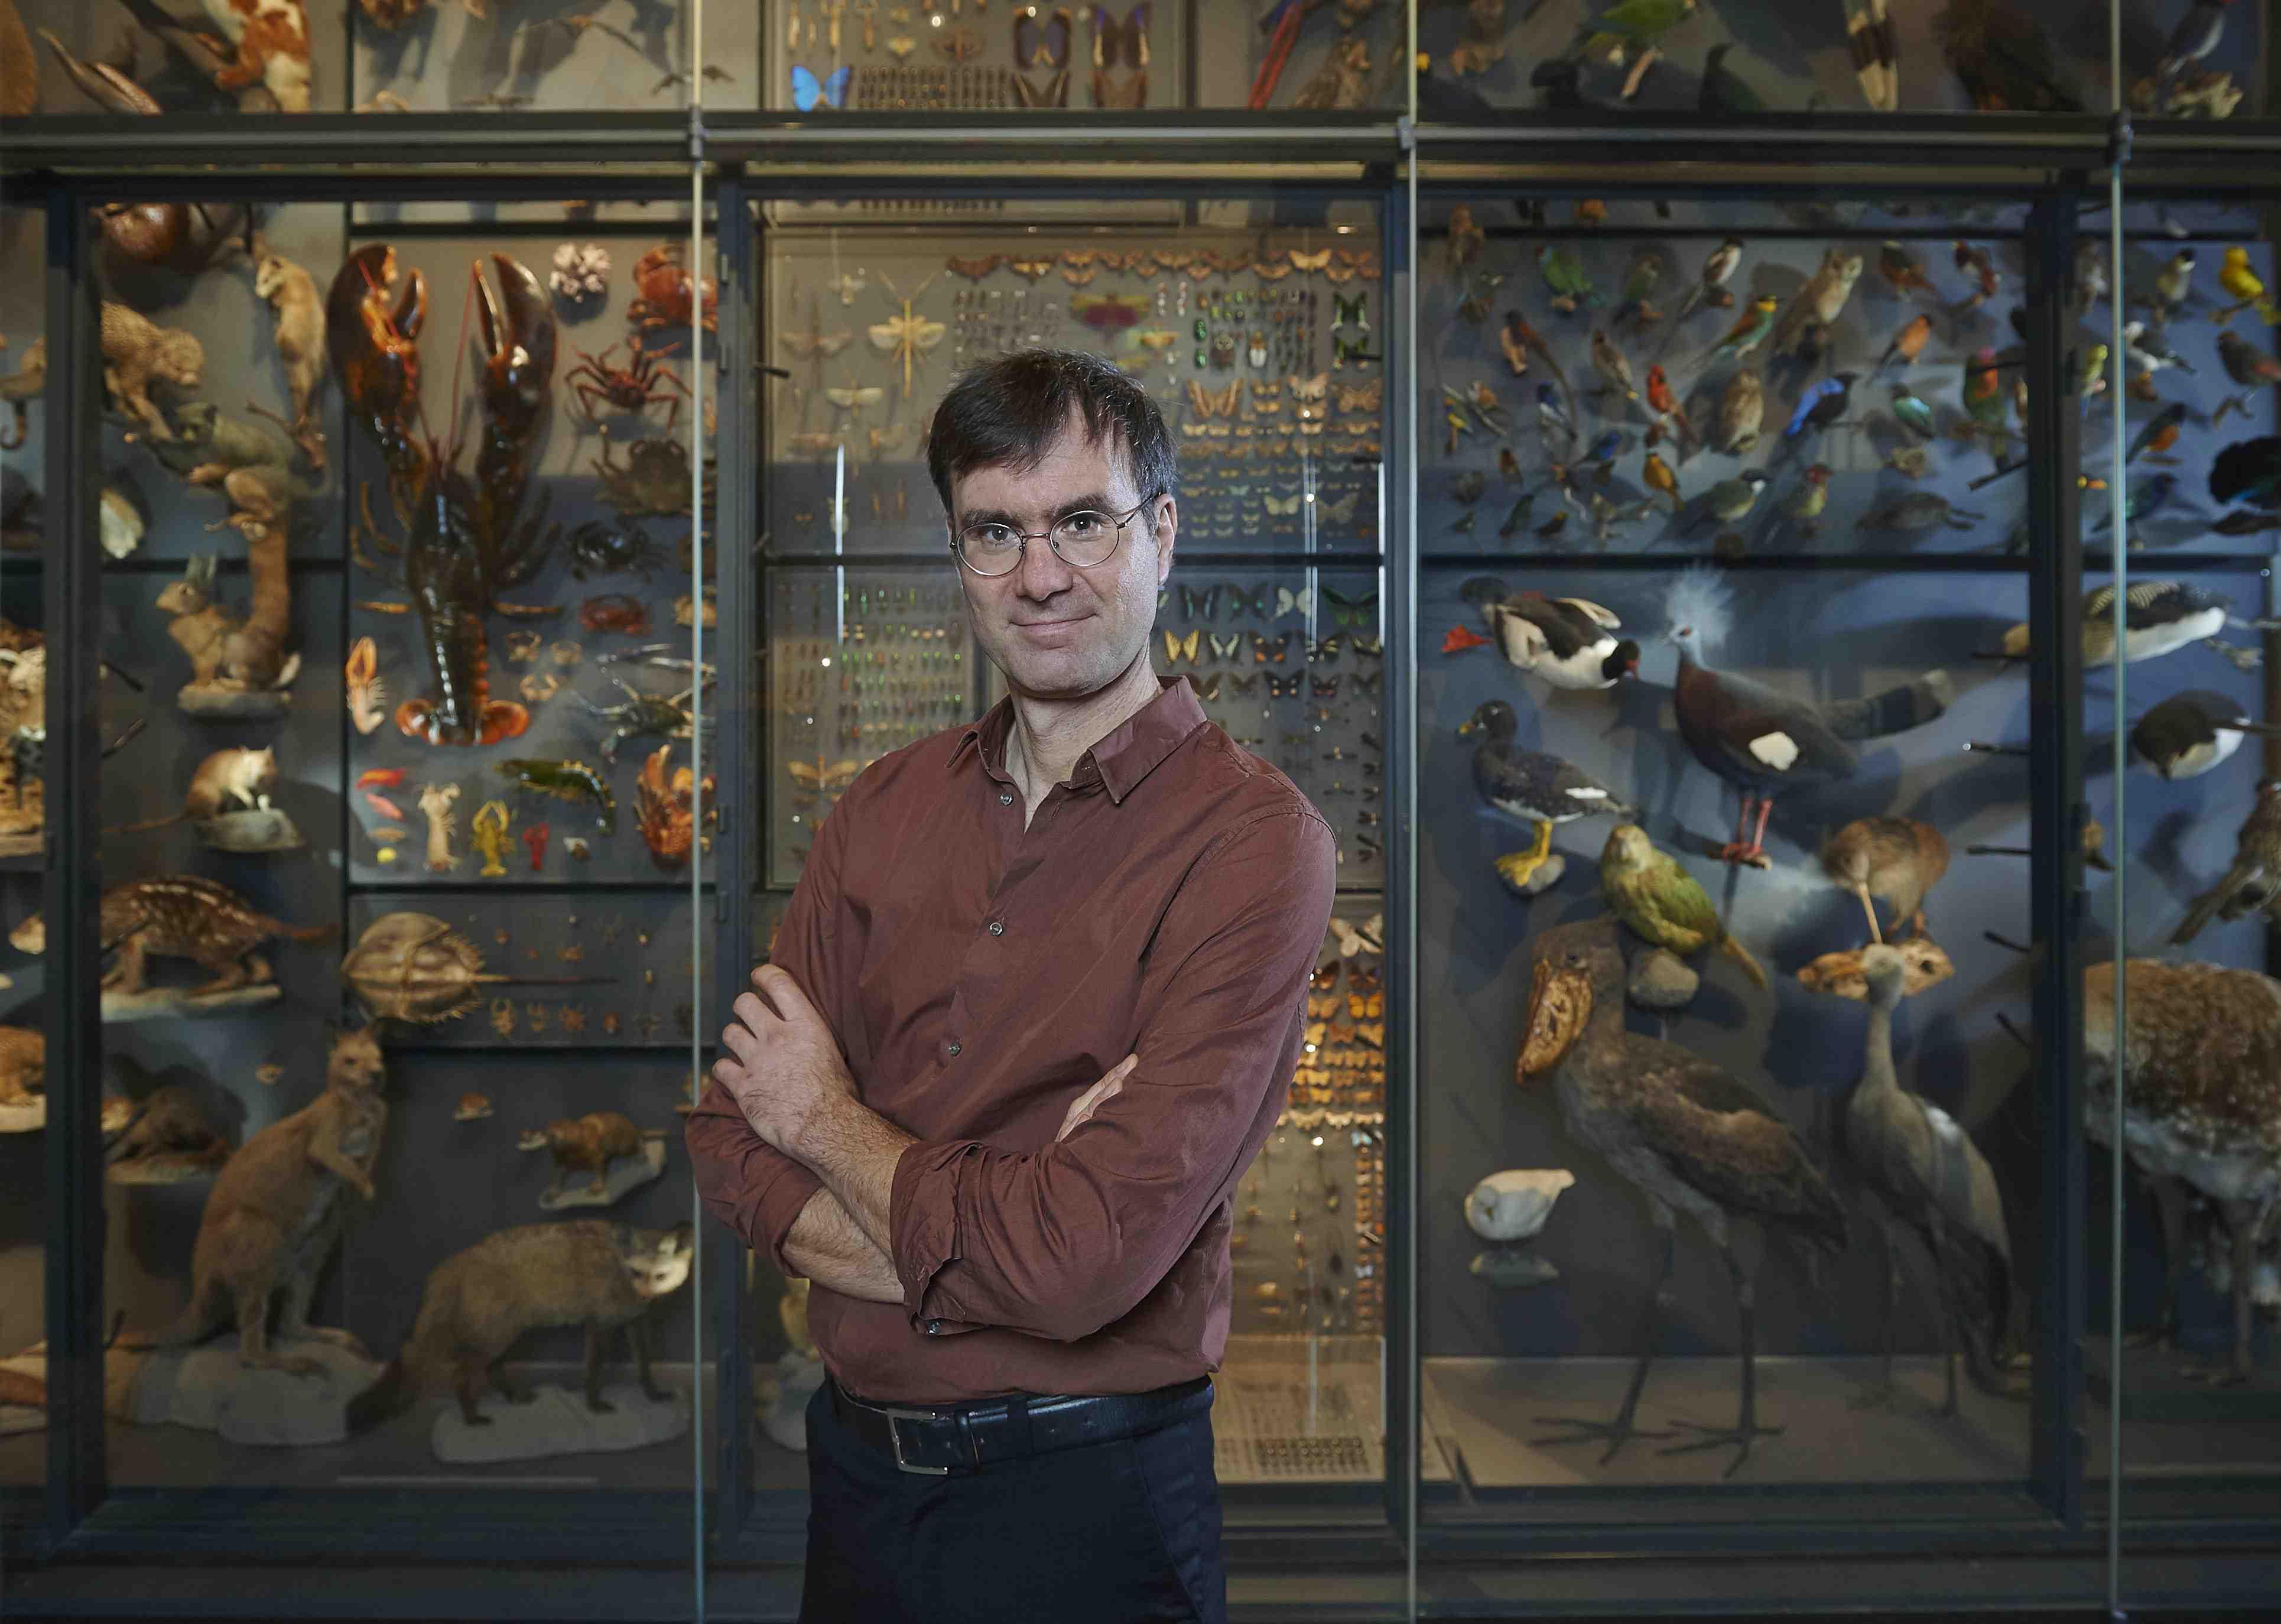 Stefan Klein Naturkundemuseum Berlin